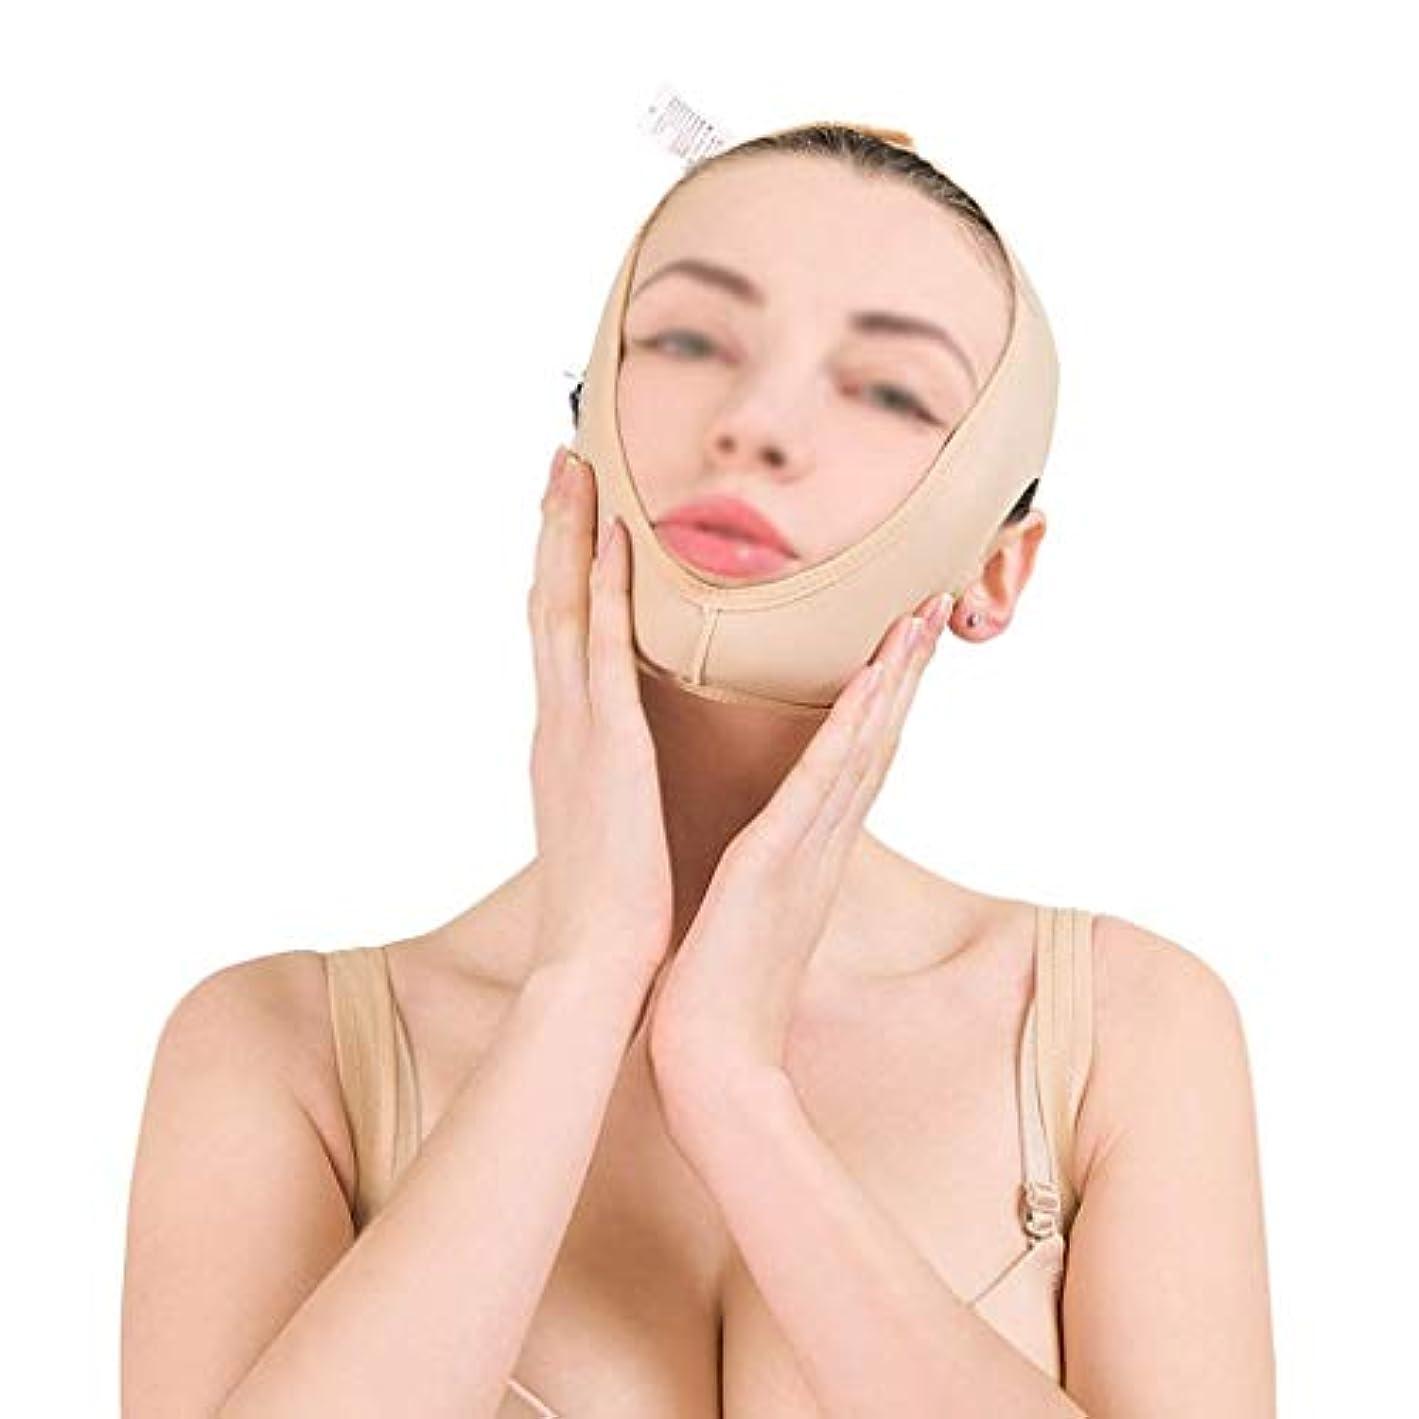 辞書メタンピケマスク減量、肌の包帯を引き締めるリフティングフェイスバンド、フェイスリフティング、ダブルチンビューティバンデージ、フェイスリフト(サイズ:L),M